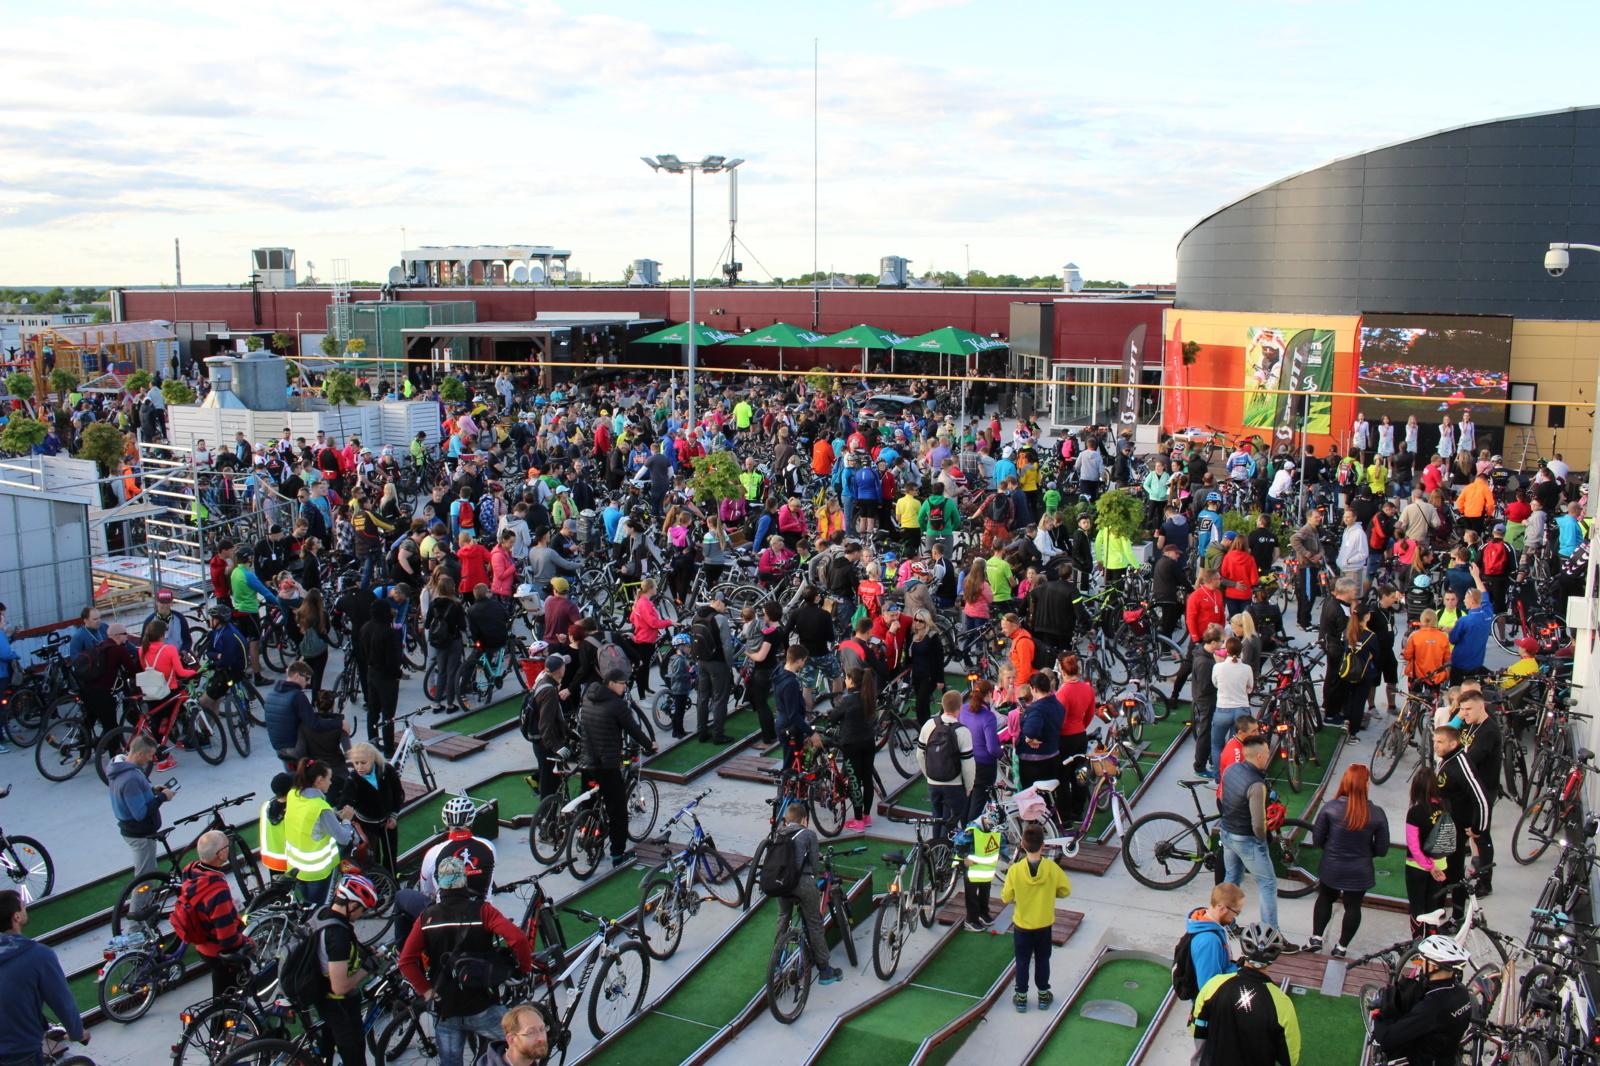 """Šiauliuose bus siekiama naujo rekordo """"Daugiausia dviračių ant stogo"""""""